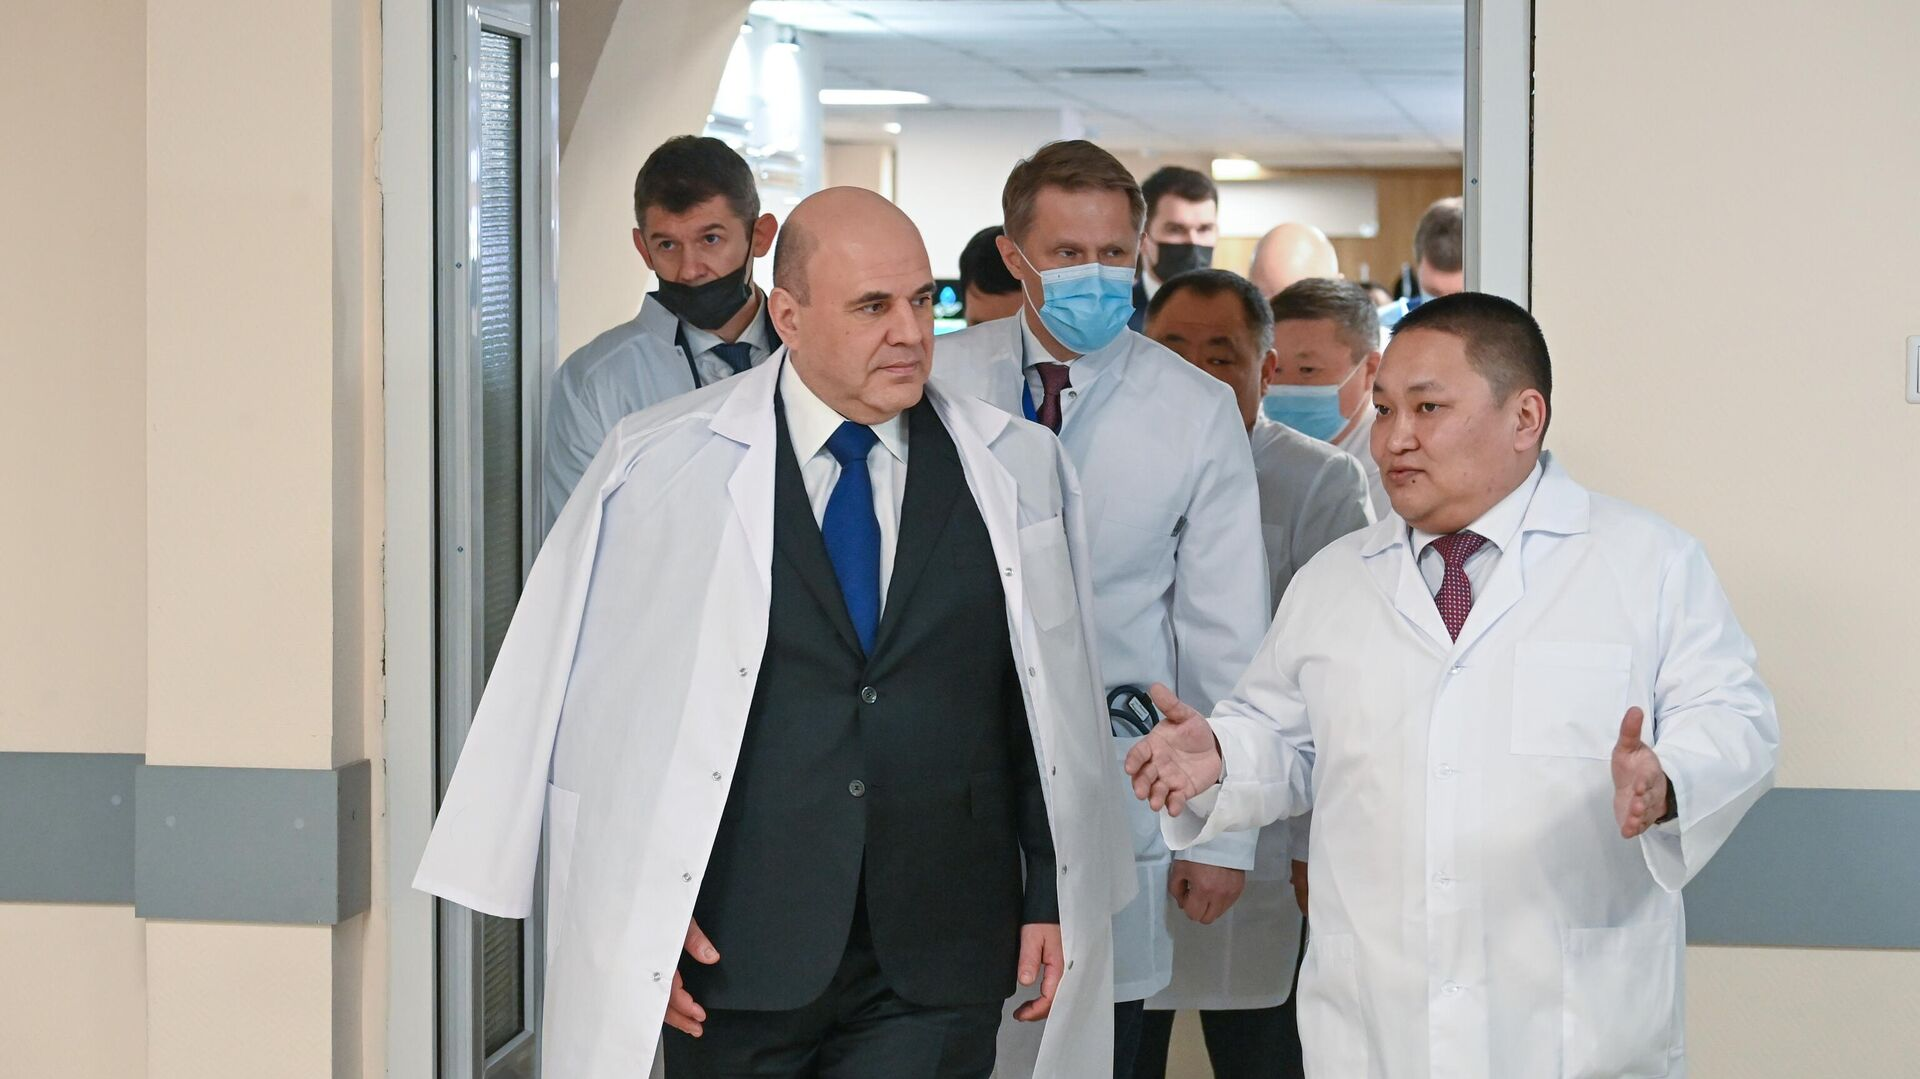 Председатель правительства РФ Михаил Мишустин во время посещения терапевтического корпуса Республиканской больницы № 1 в Кызыле - РИА Новости, 1920, 04.03.2021